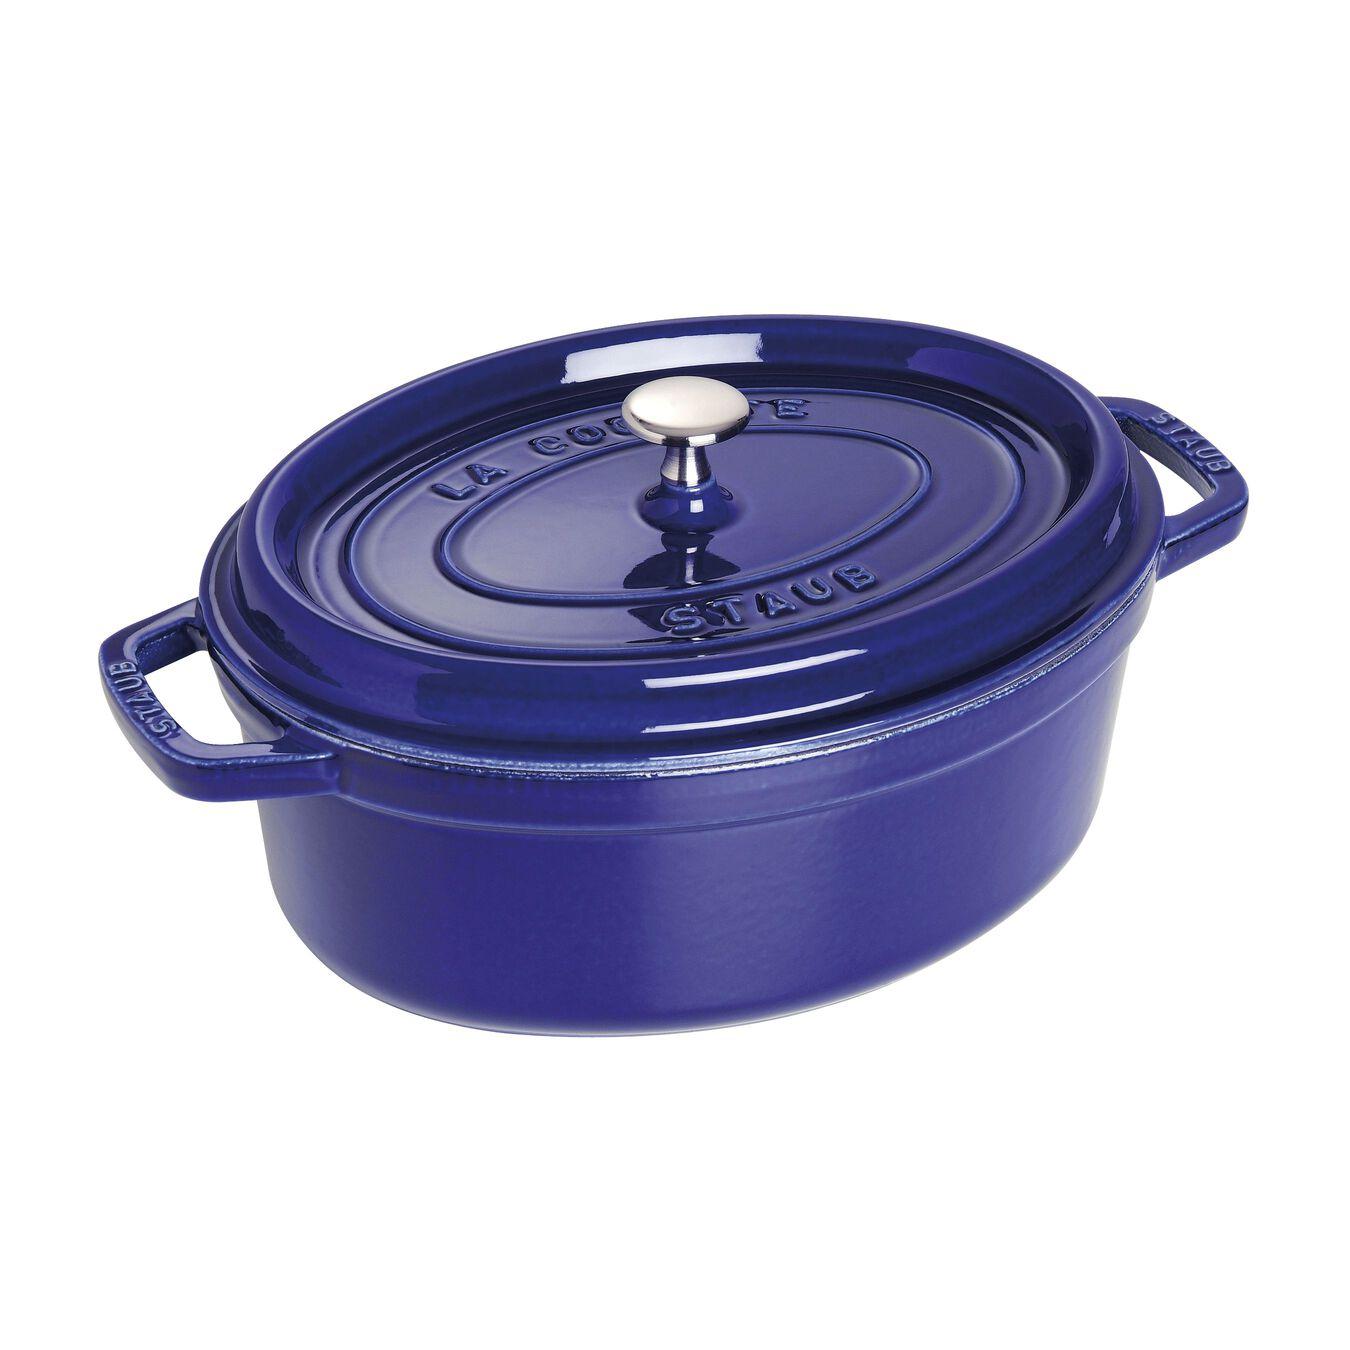 Cocotte 29 cm, Ovale, Bleu intense, Fonte,,large 1